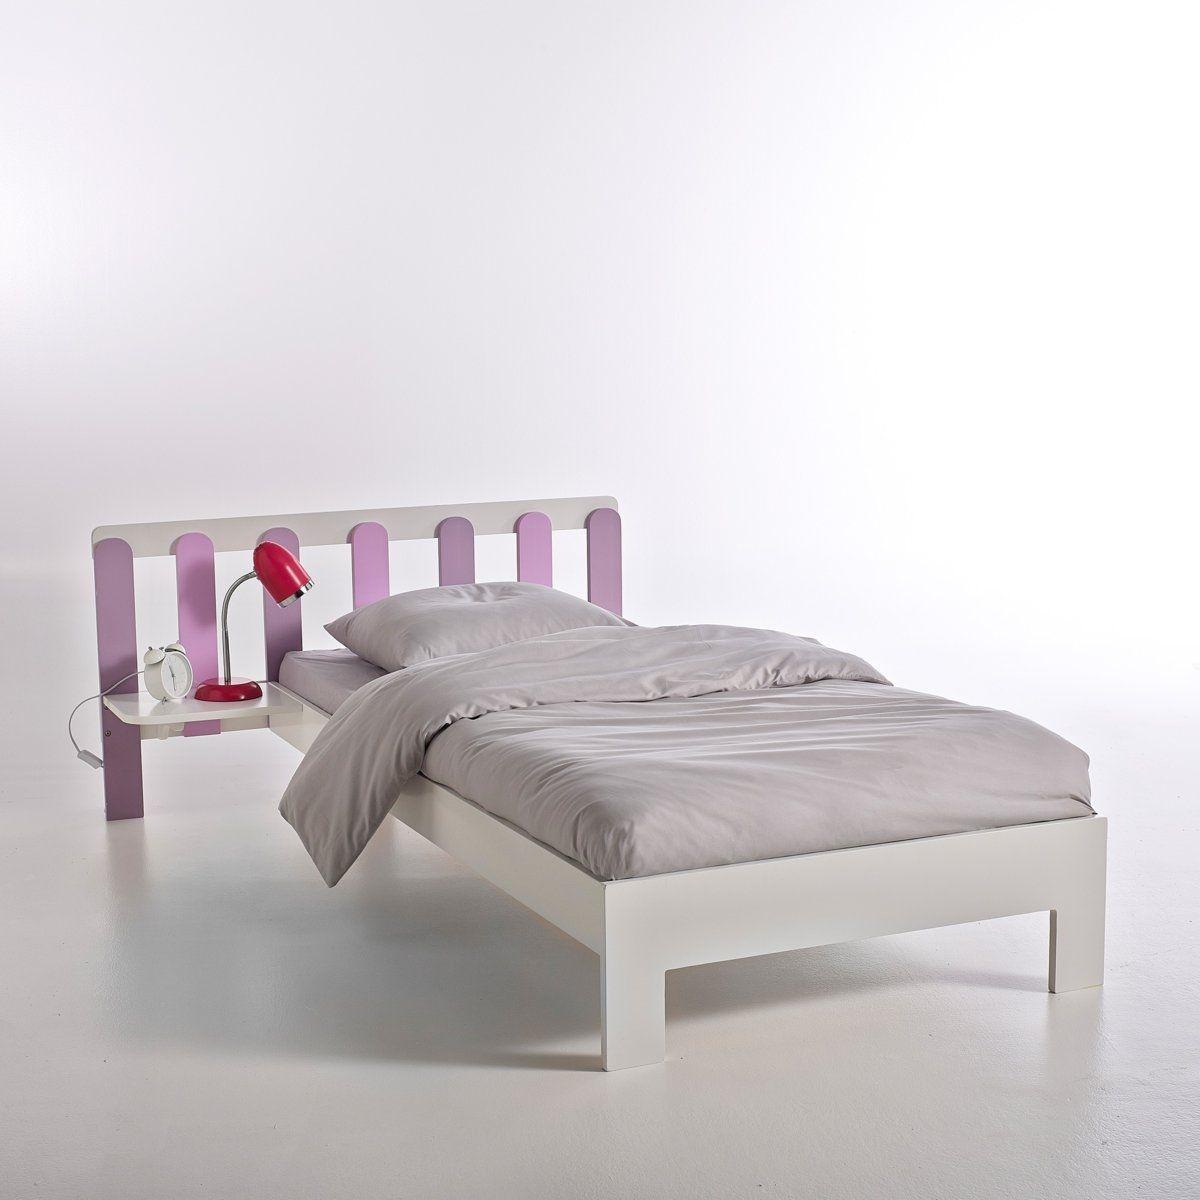 ensemble lit chevet int gr 1 personne okage multicolore rose interieurs. Black Bedroom Furniture Sets. Home Design Ideas